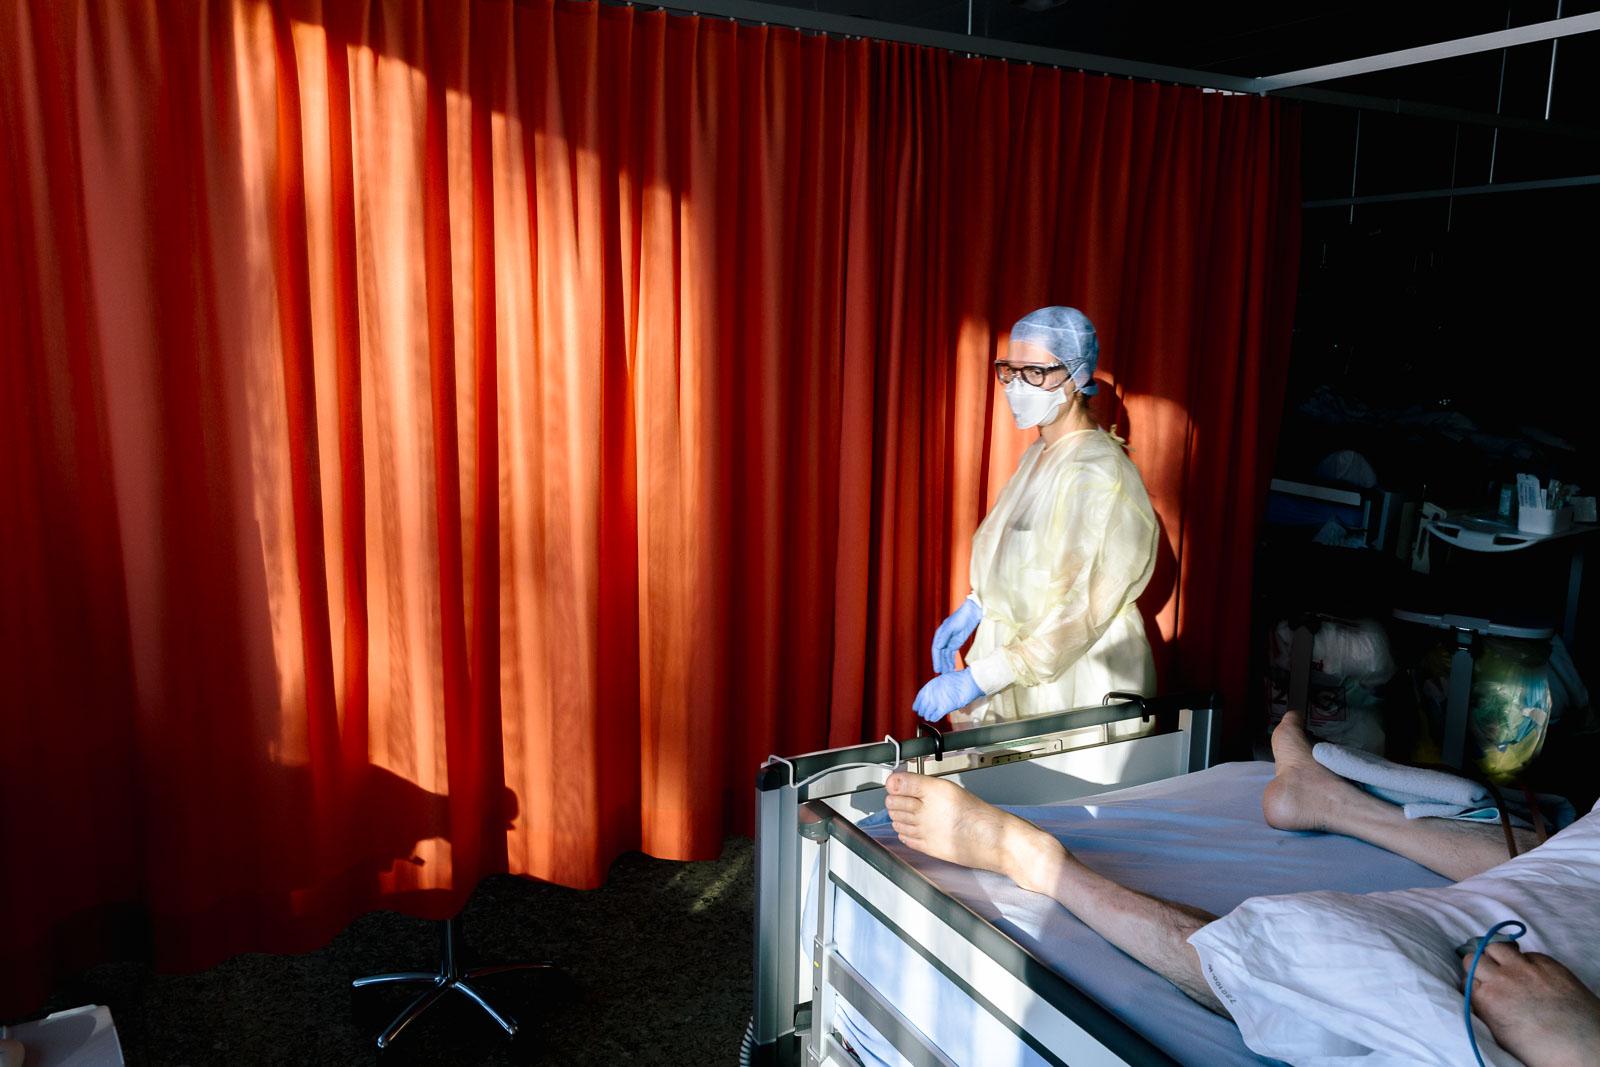 Intensivpflegefachfrau in Schutzkleidung